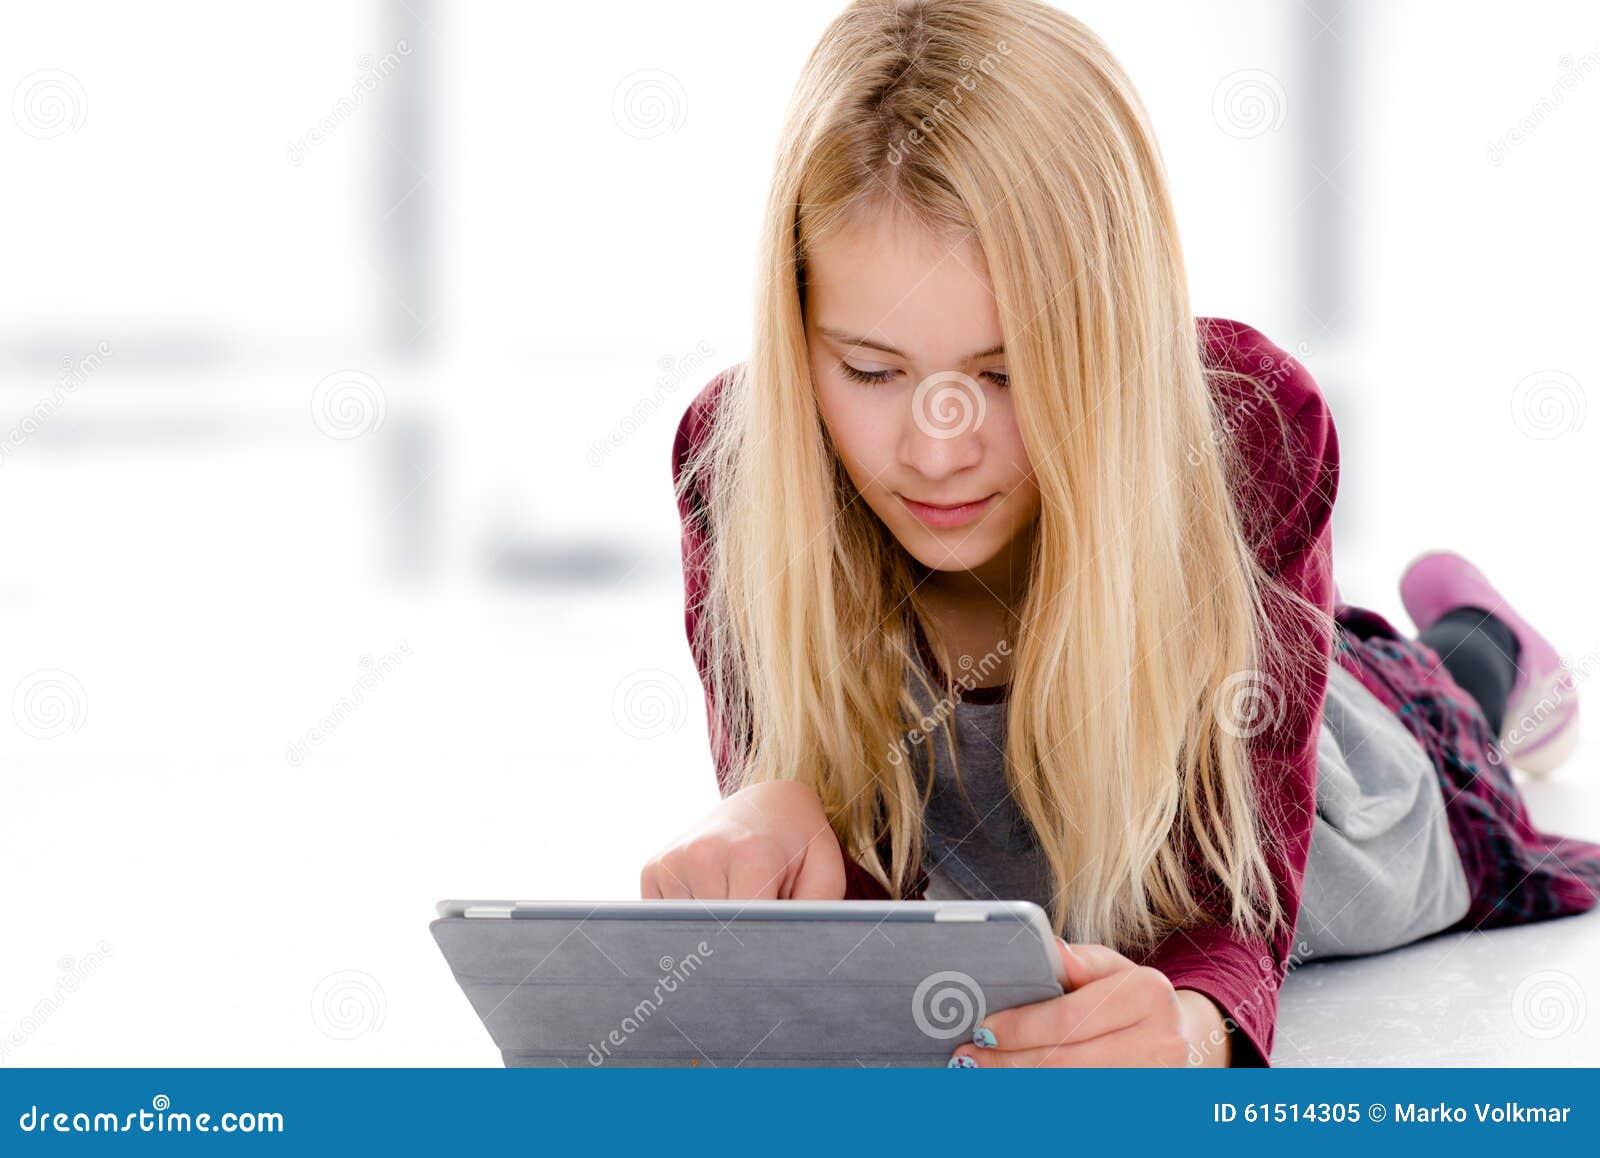 blondes m dchen mit dem tabletten pc der auf dem boden liegt stockbild bild 61514305. Black Bedroom Furniture Sets. Home Design Ideas